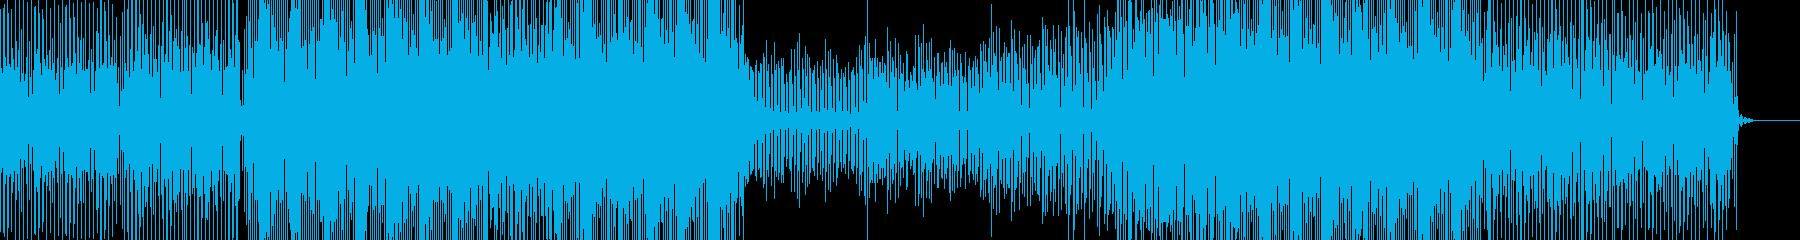 とても盛り上がる曲ですの再生済みの波形